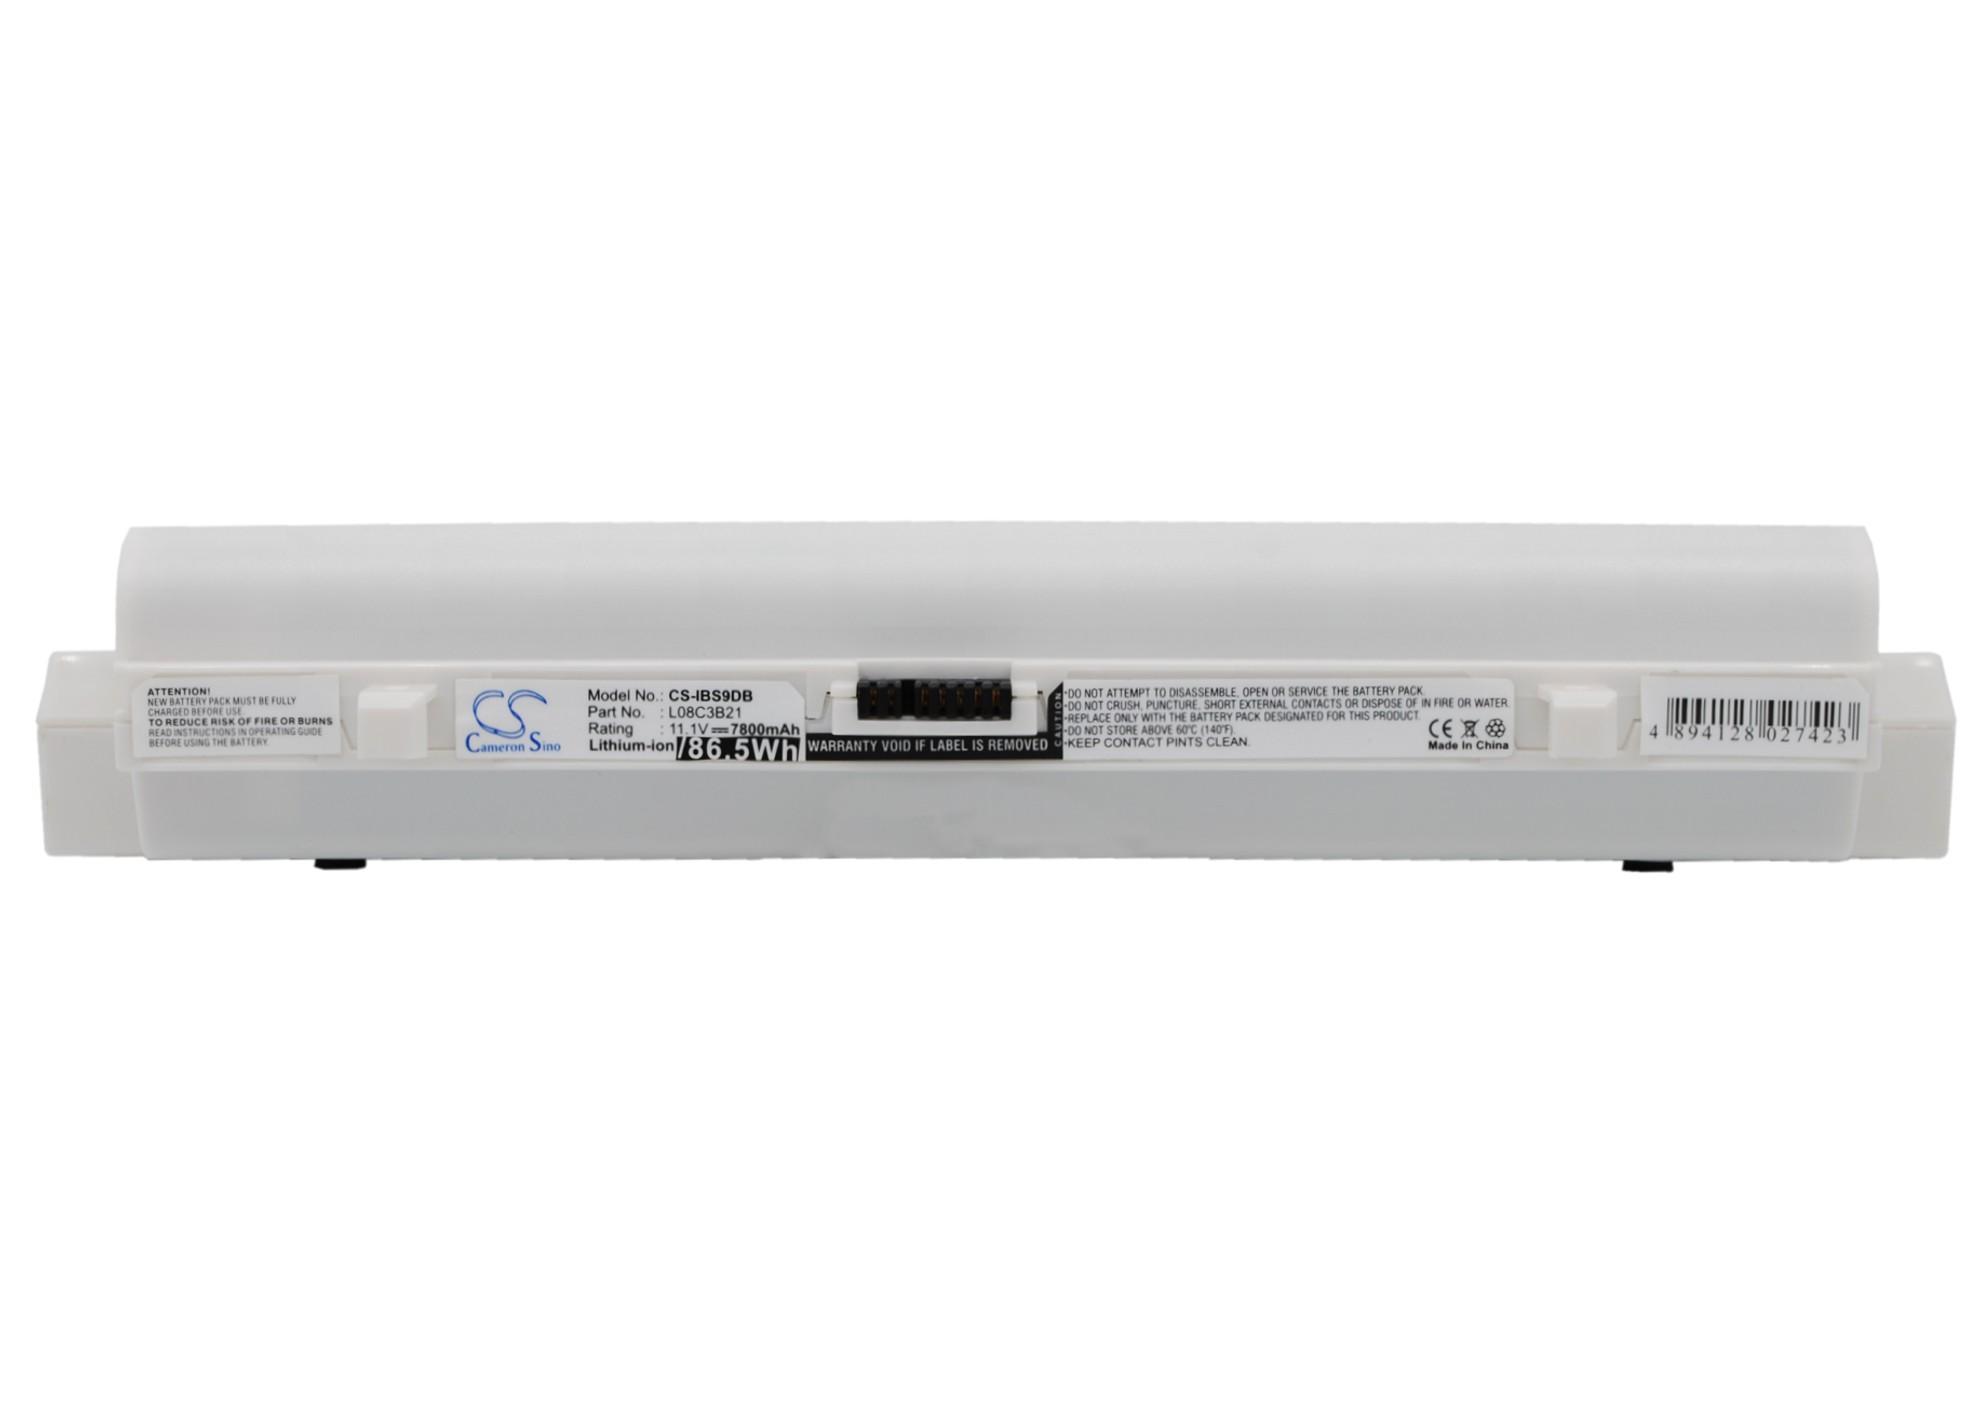 Cameron Sino baterie do notebooků pro LENOVO ideapad S9e 11.1V Li-ion 7800mAh bílá - neoriginální